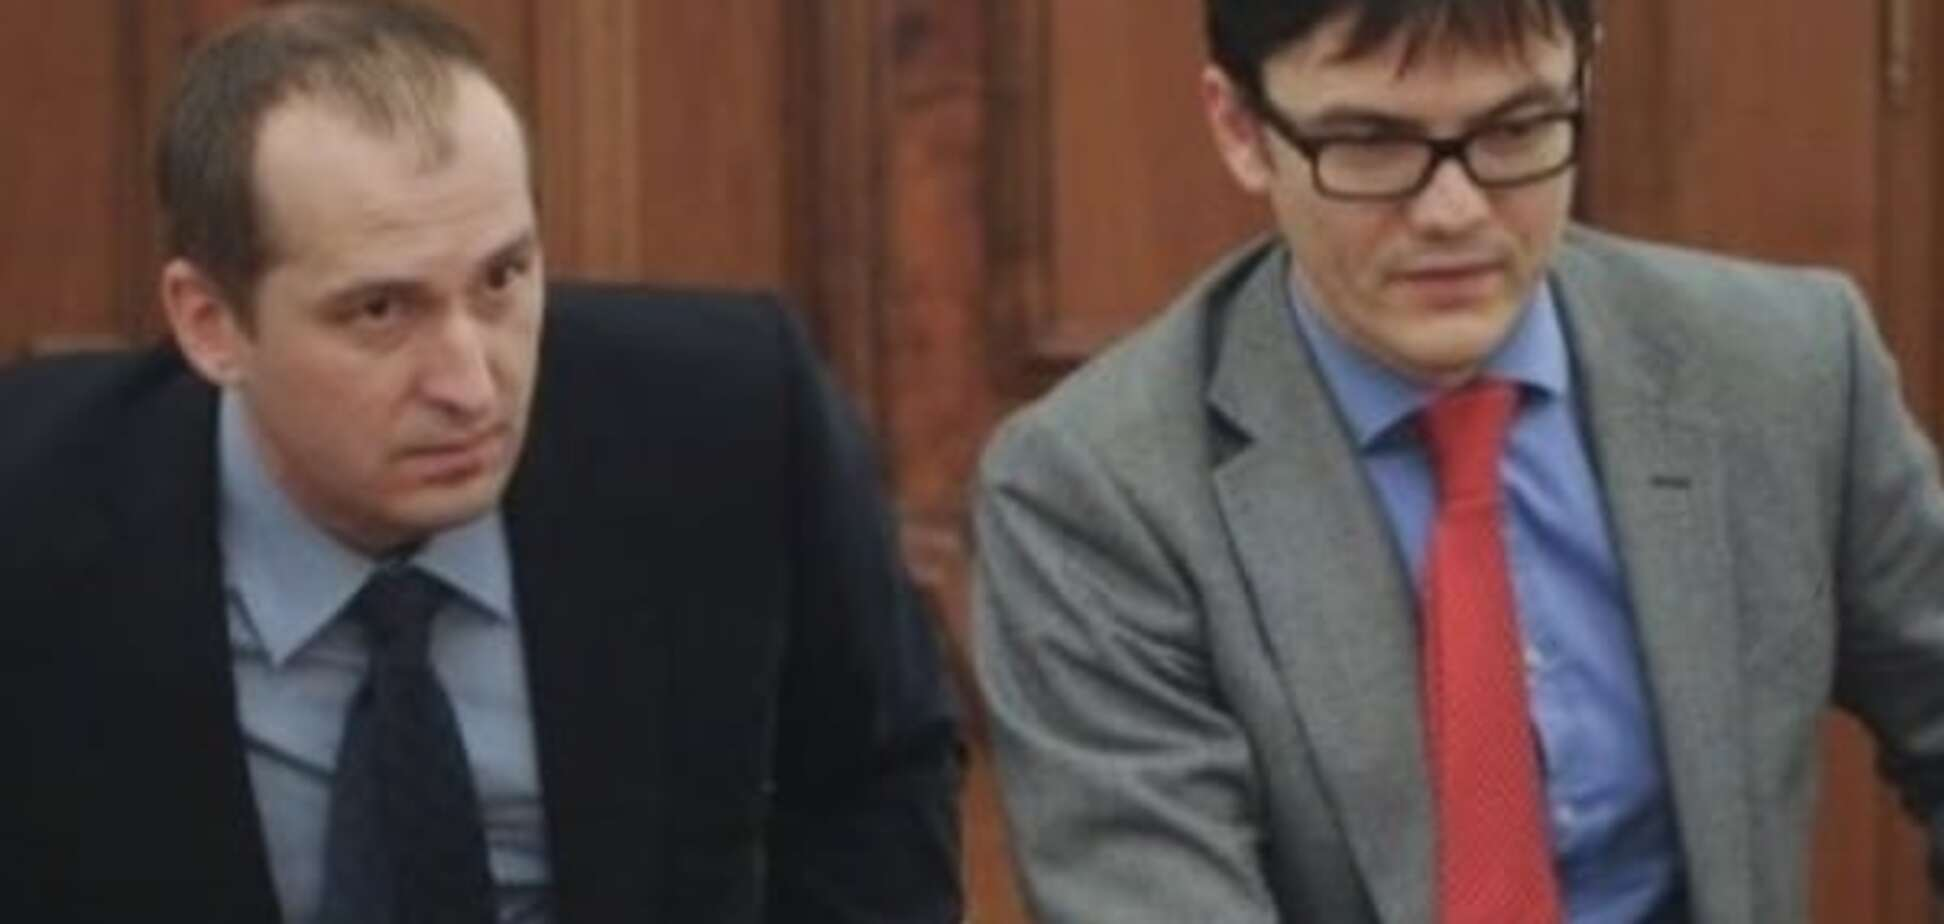 Профильные комитеты Рады признали работу двух министров Яценюка неудовлетворительной